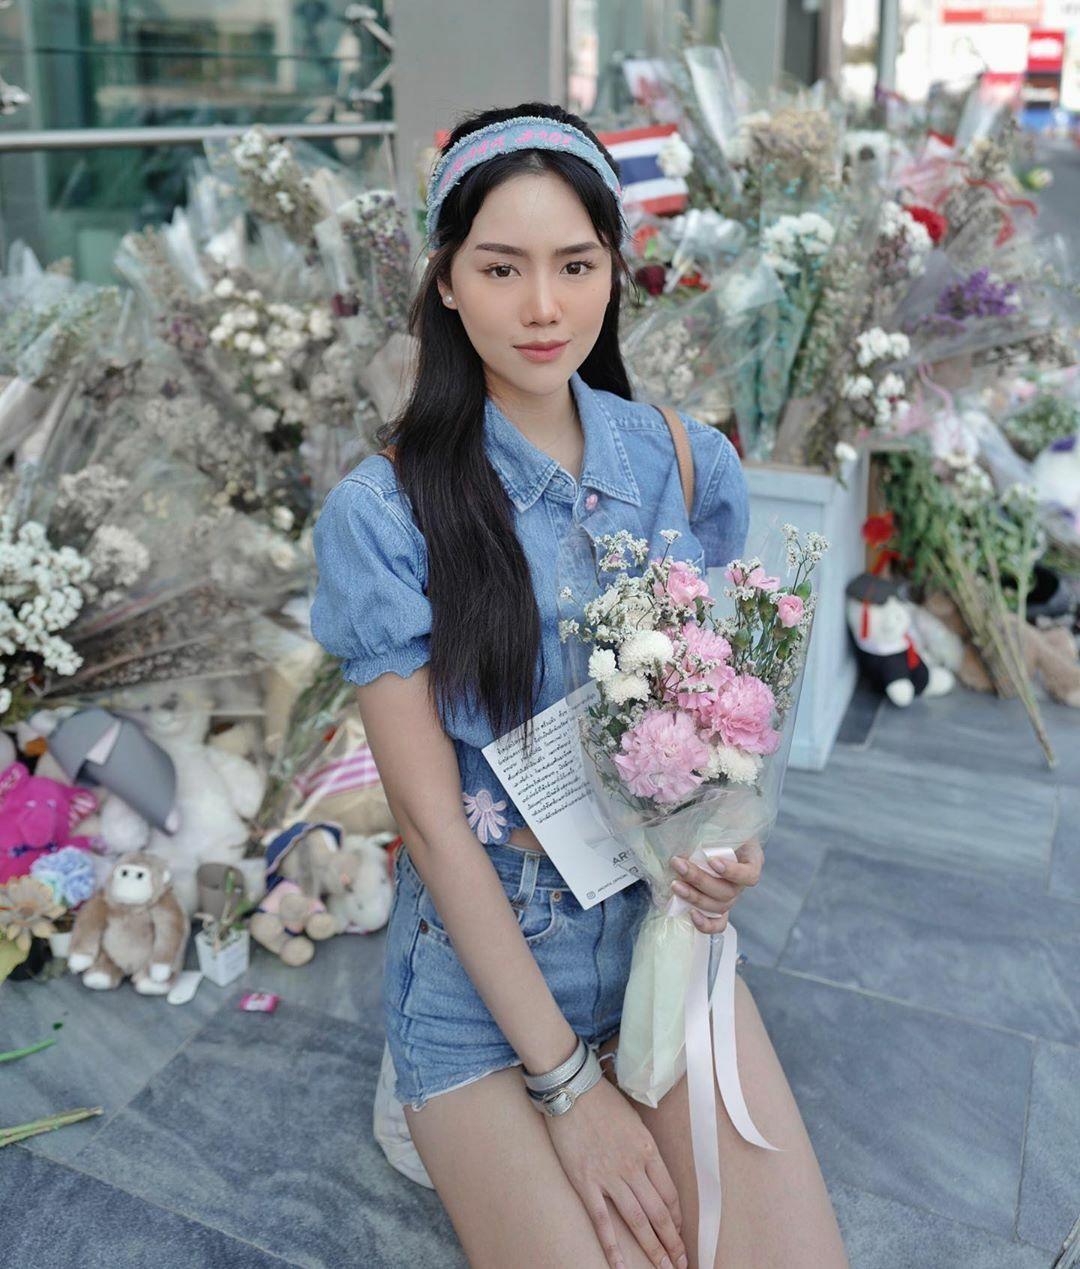 Archita sở hữu đến 1,2 triệu người theo dõi trên Instagram, là một trong những cái tên nổi bật nhất hội beauty blogger Thái. Trên Youtube, số người theo dõi của cô cũng khủng không kém với 1,3 triệu người theo dõi. Cô nàng có vẻ đẹp nhẹ nhàng, tinh khôi đúng chuẩn tiểu thư nhà giàu.